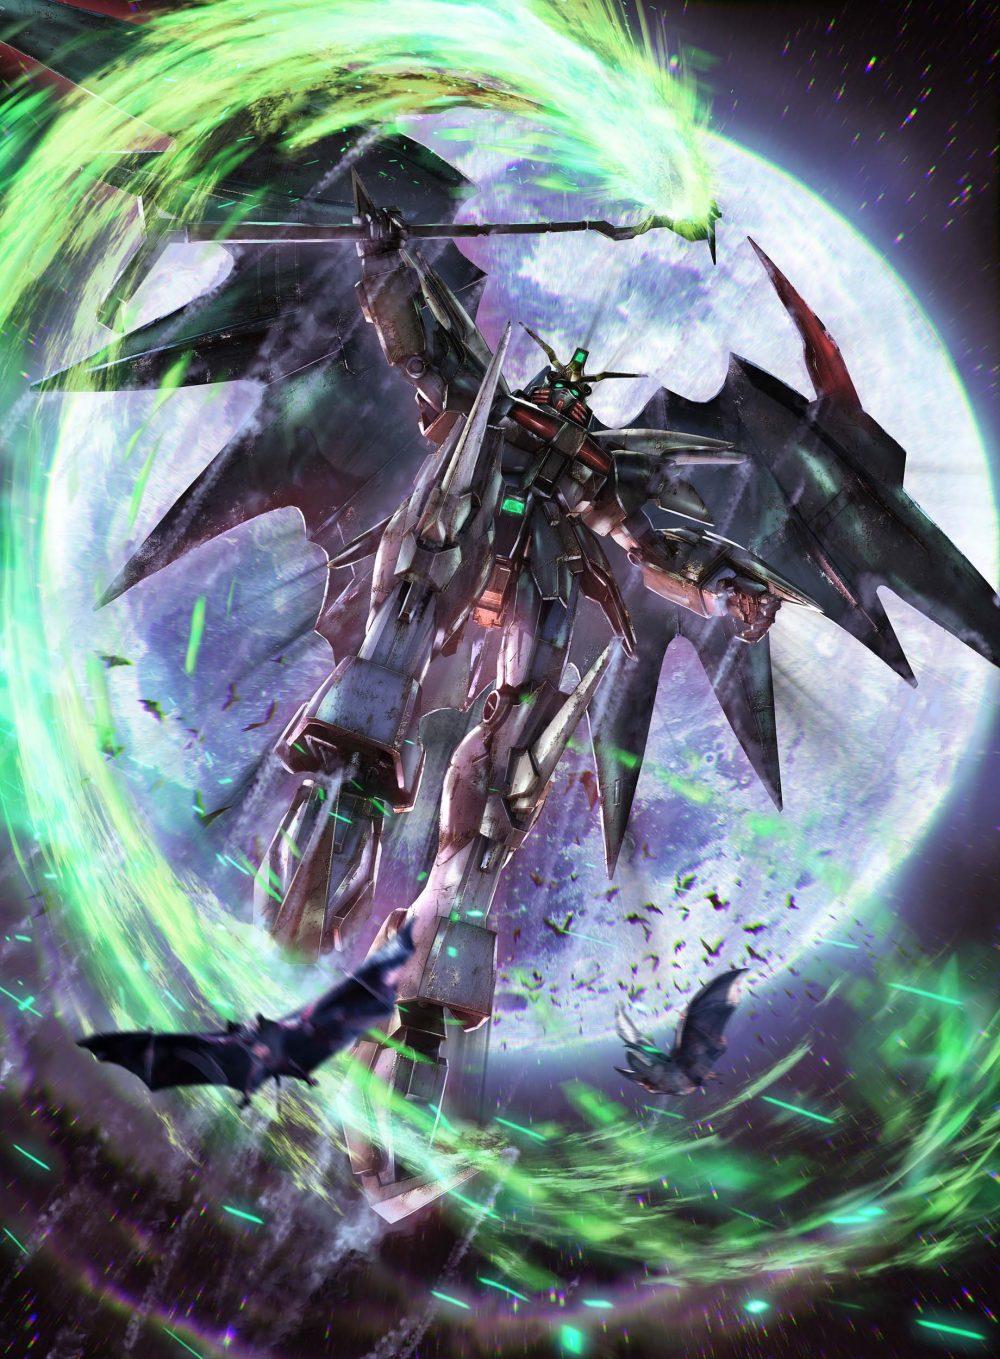 Pin by aenerv7 on GUNDAM Gundam, Gundam art, Gundam